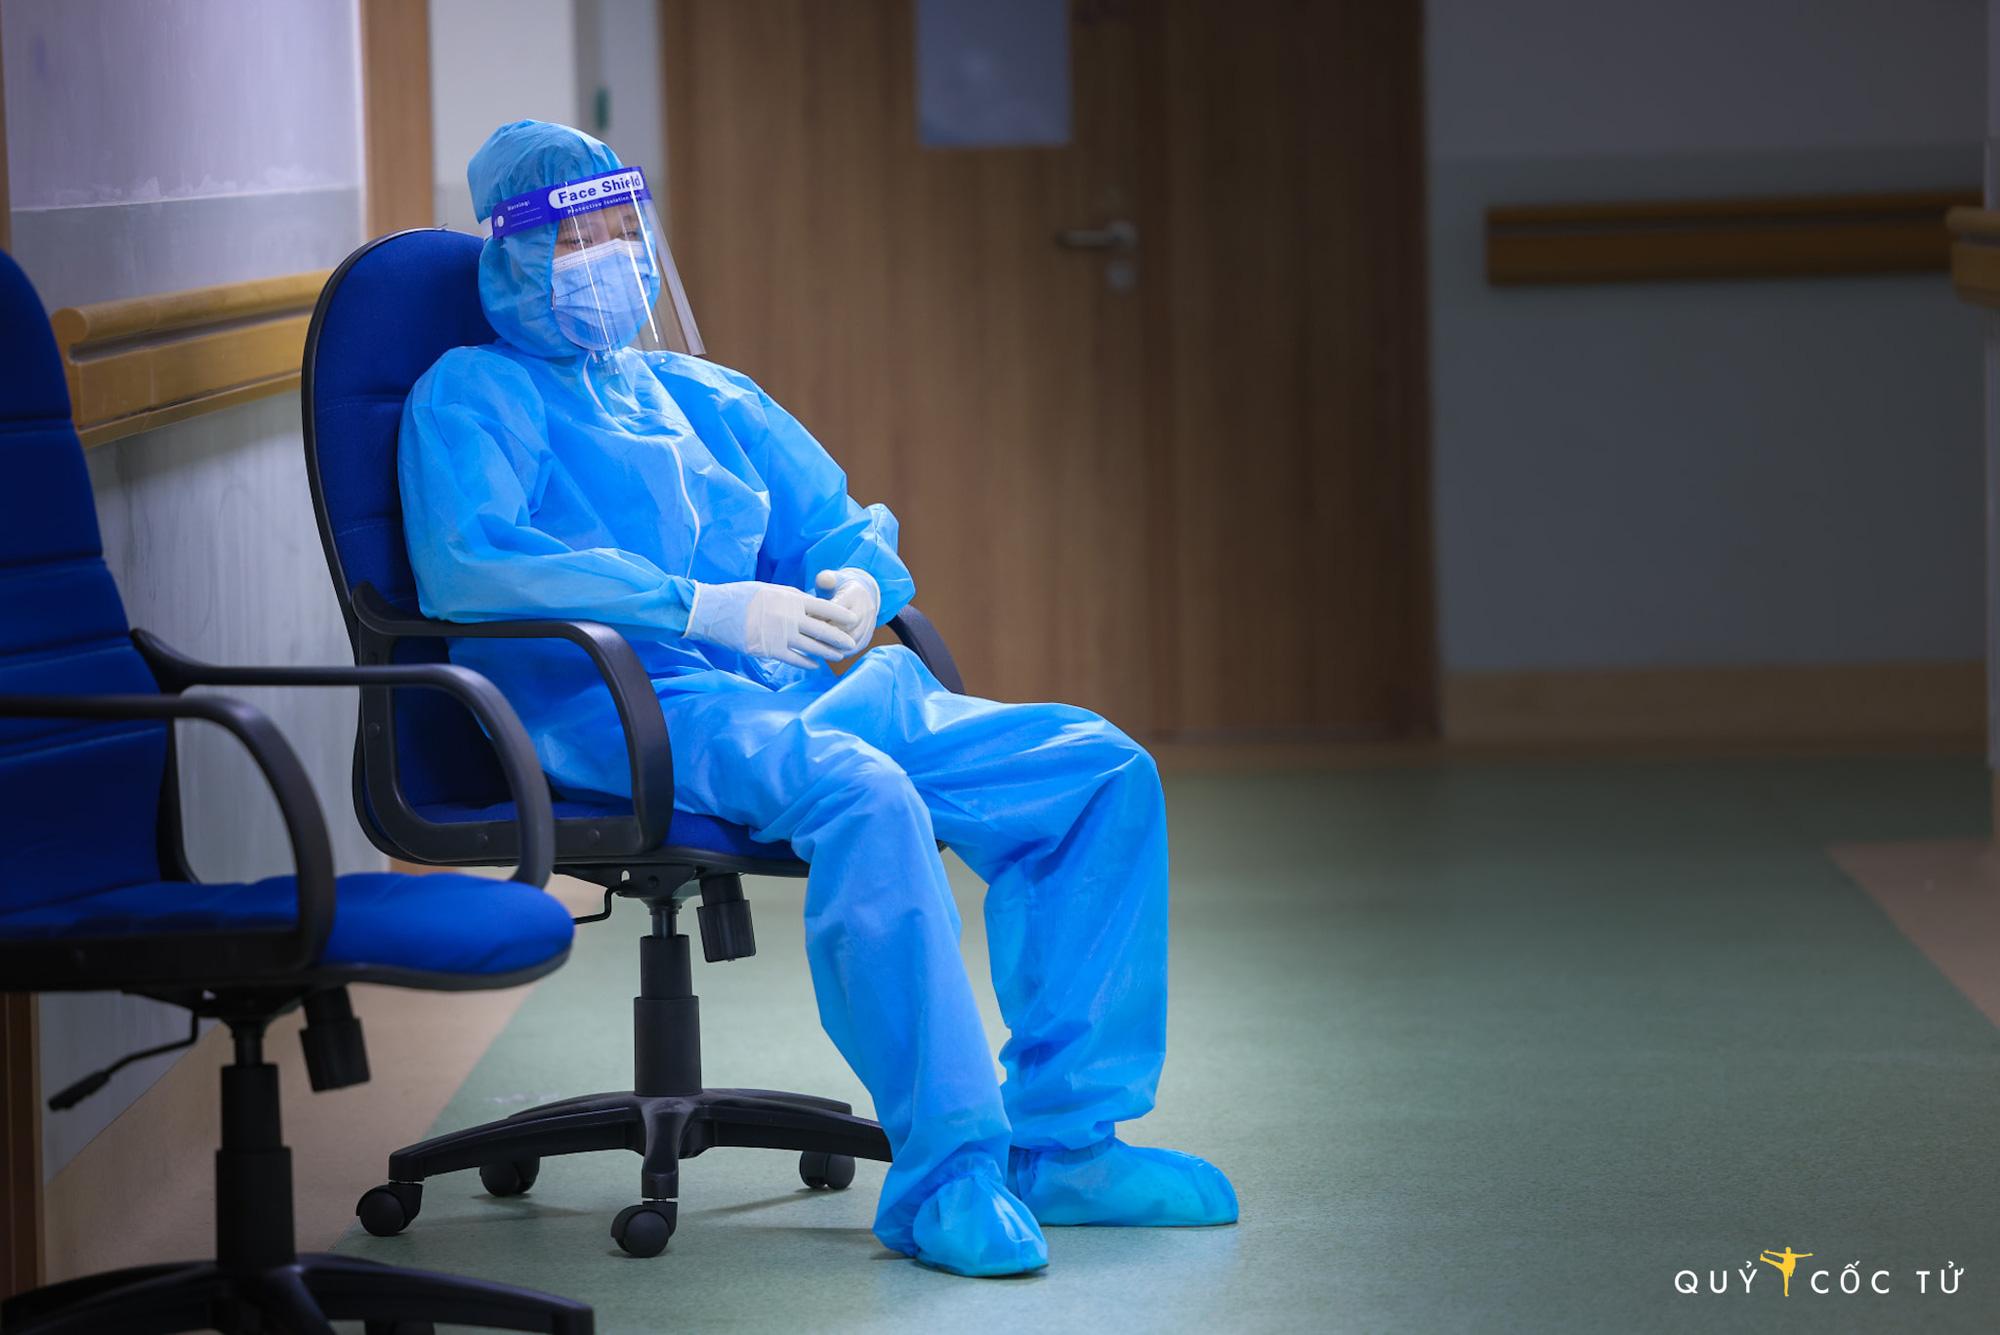 Bệnh viện Hồi sức COVID-19 4